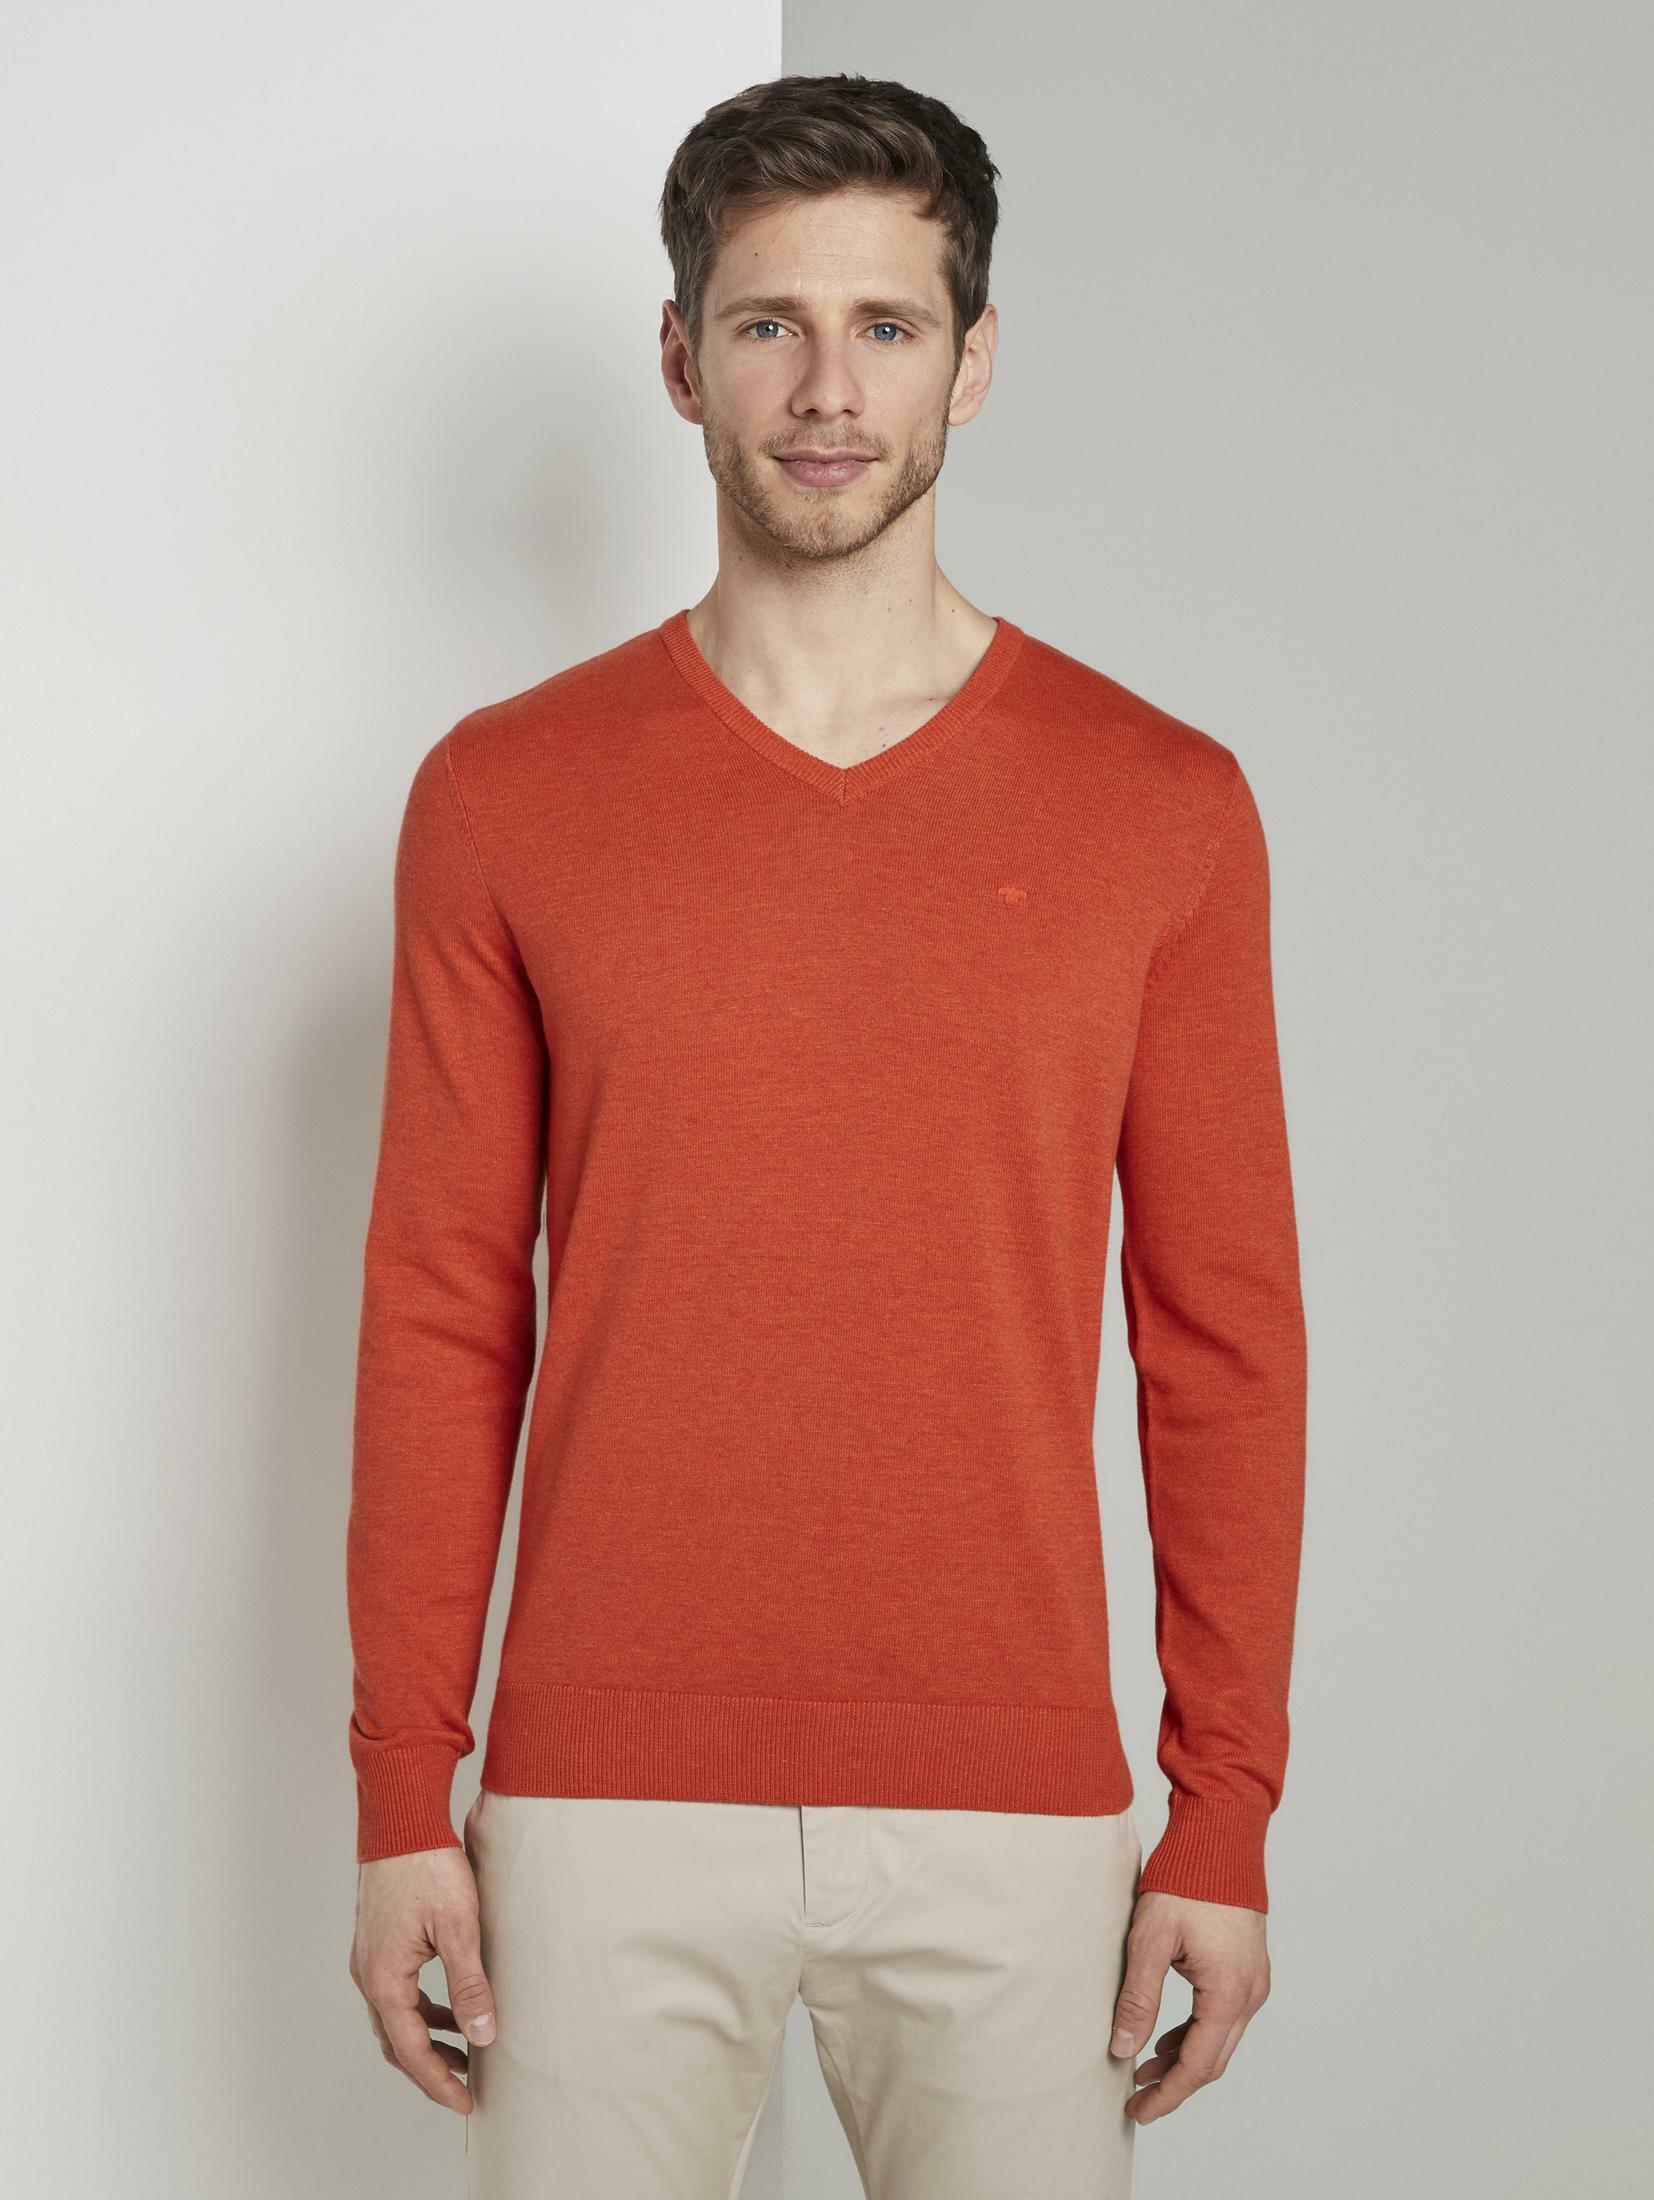 tom tailor -  V-Ausschnitt-Pullover Strickpullover mit V-Ausschnitt